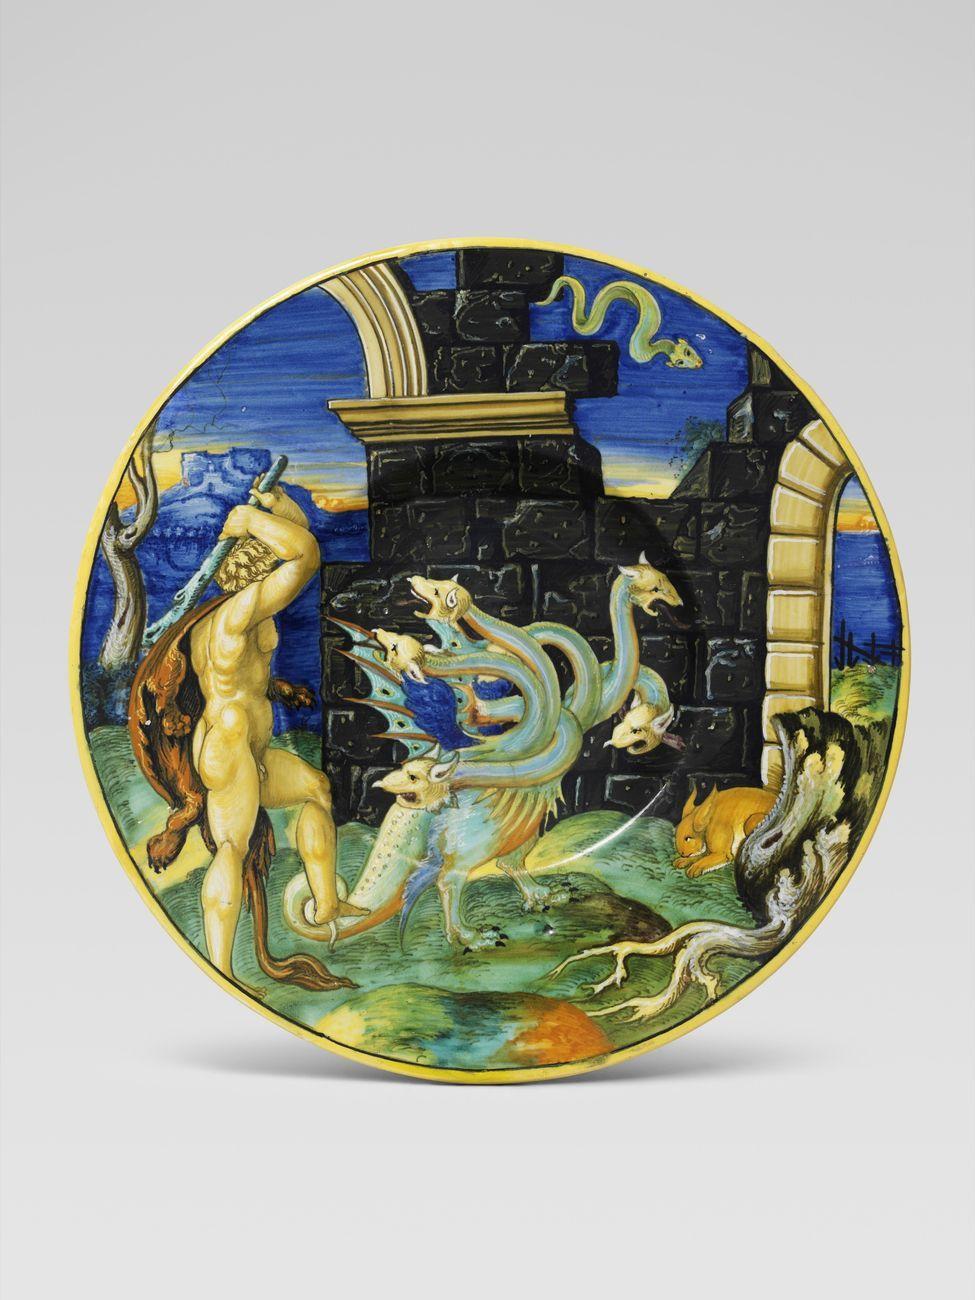 Piatto, Ercole e l'idra, Francesco Xanto Avelli, Urbino, 1530 ca. Collezione privata